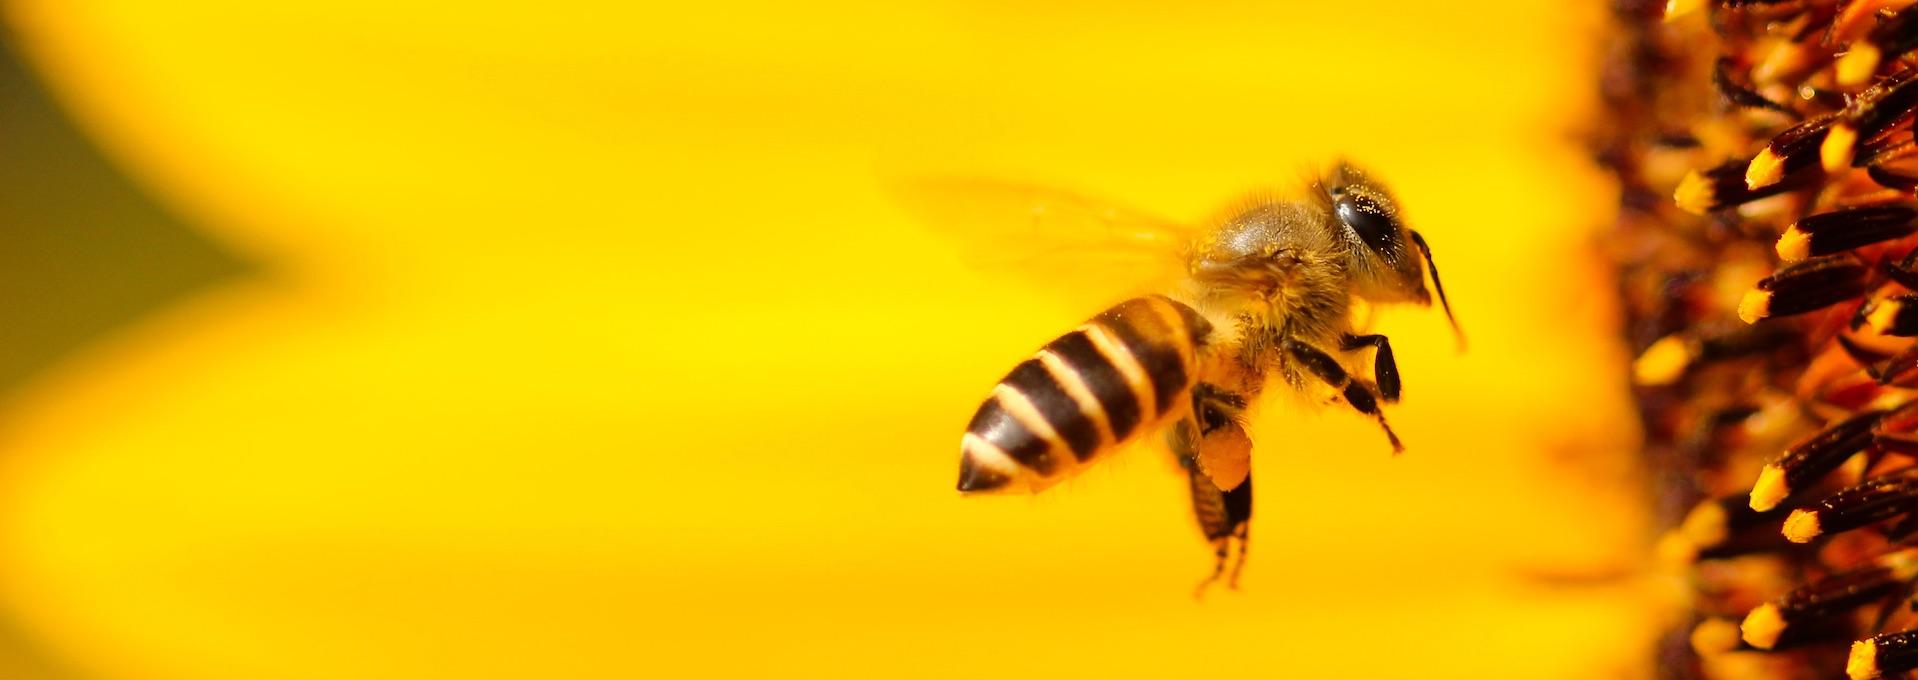 Het finale gevecht voor de bijen!